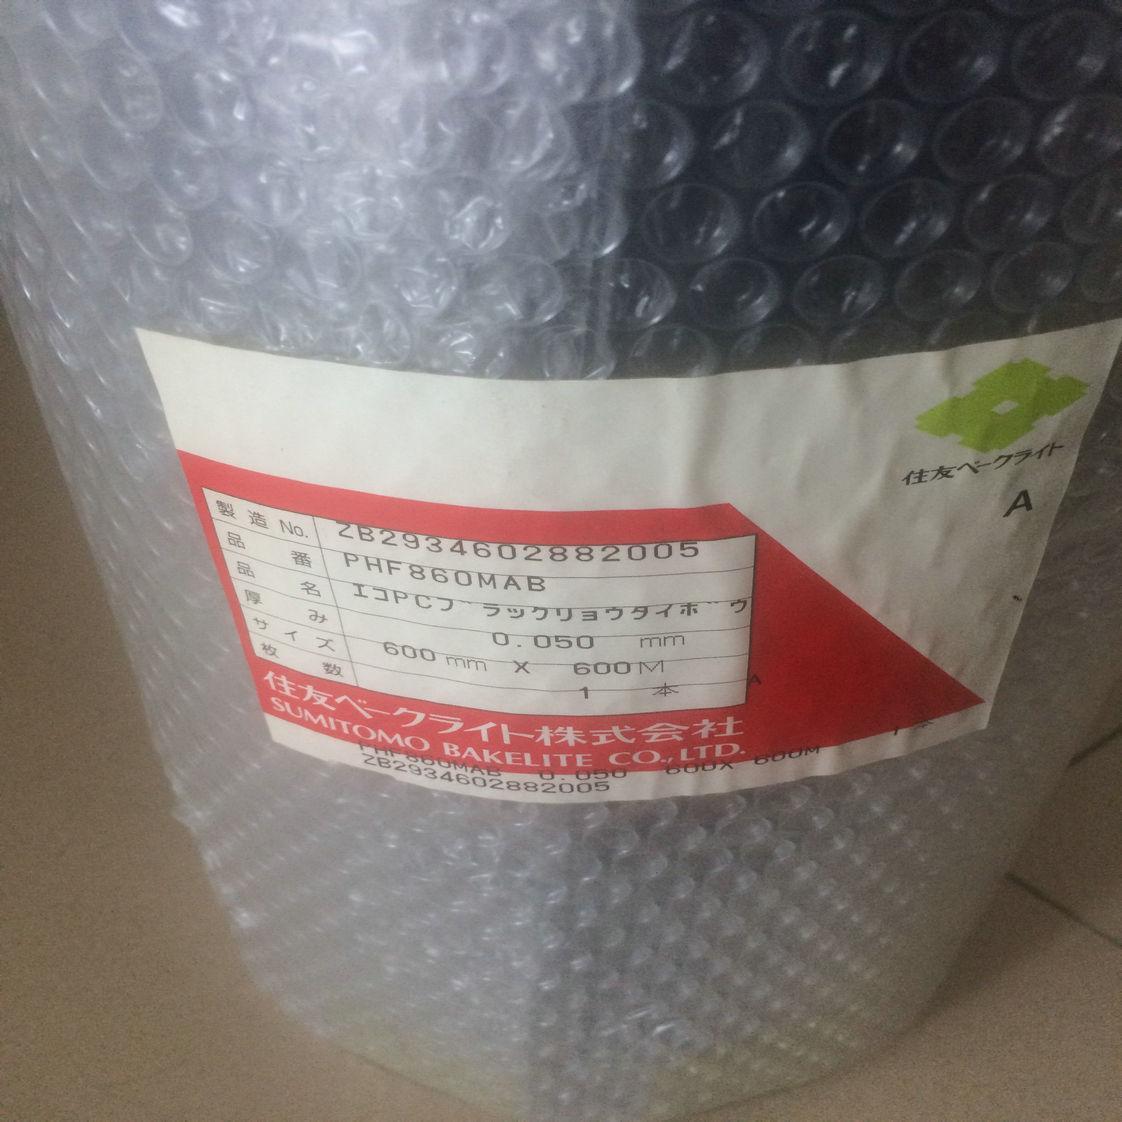 ITW GK-62 Formex GK-17 GK-40聚丙烯绝缘材料 1